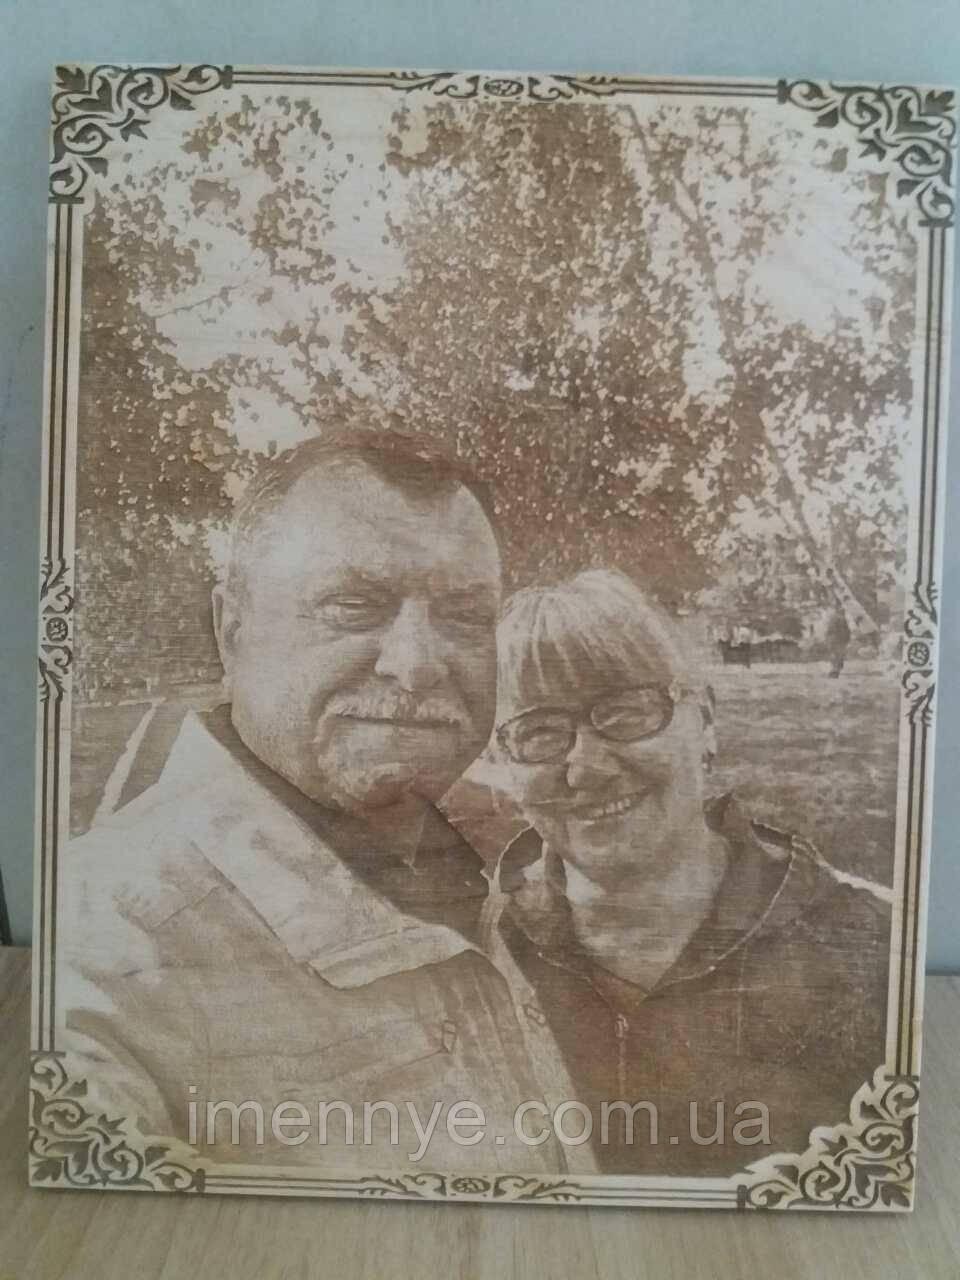 Лучший подарок родителям фотопортрет на дереве